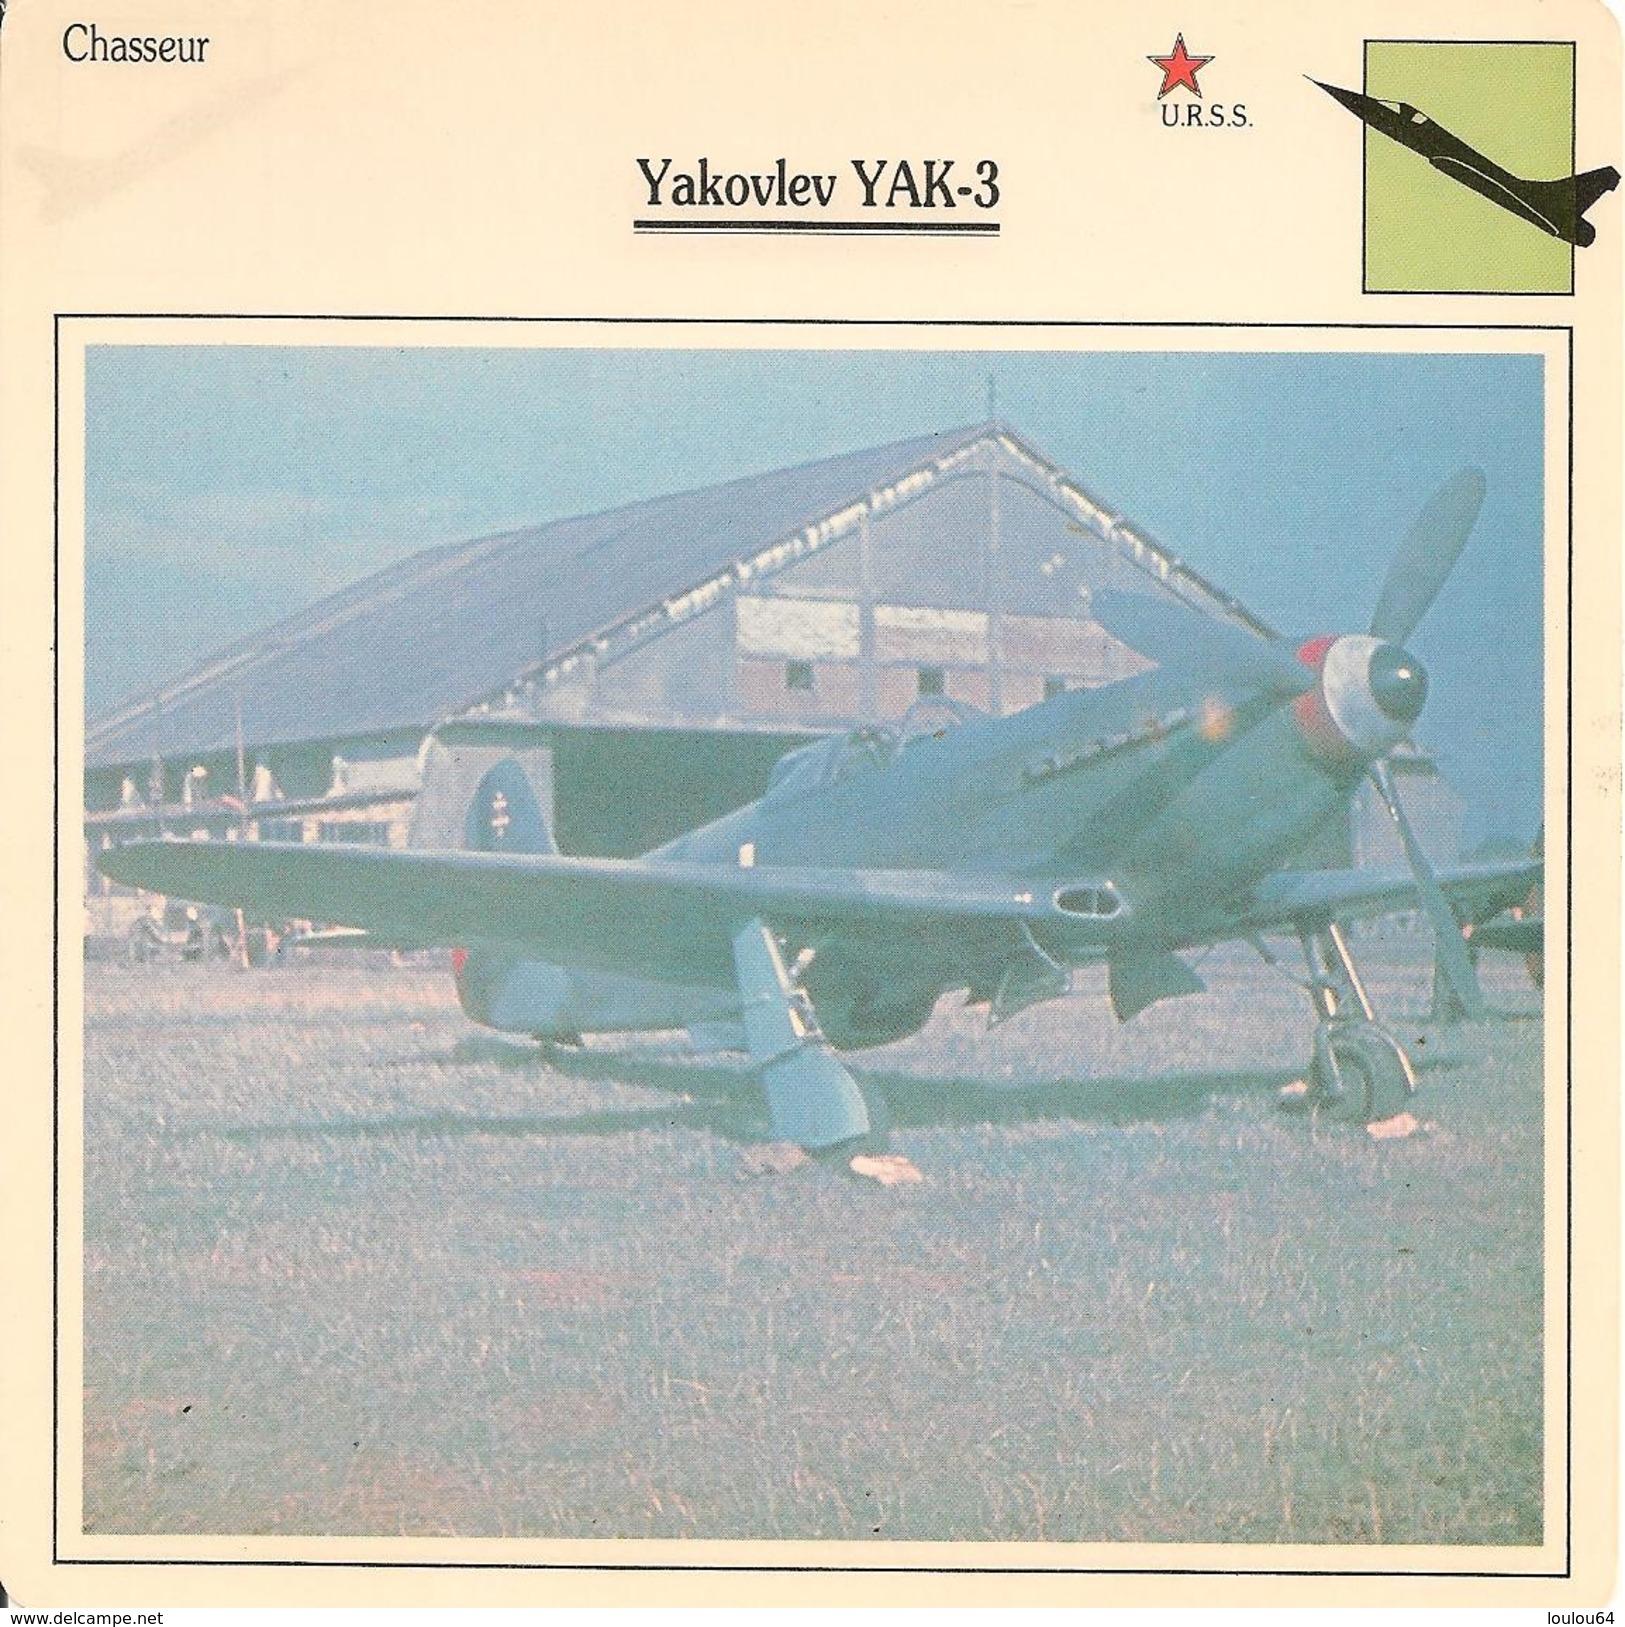 Fiches Illustrées - Caractéristiques Avions - CHASSEUR - YAKOVLEV YAK 3 - U.R.S.S. - (23)  - - Aviation